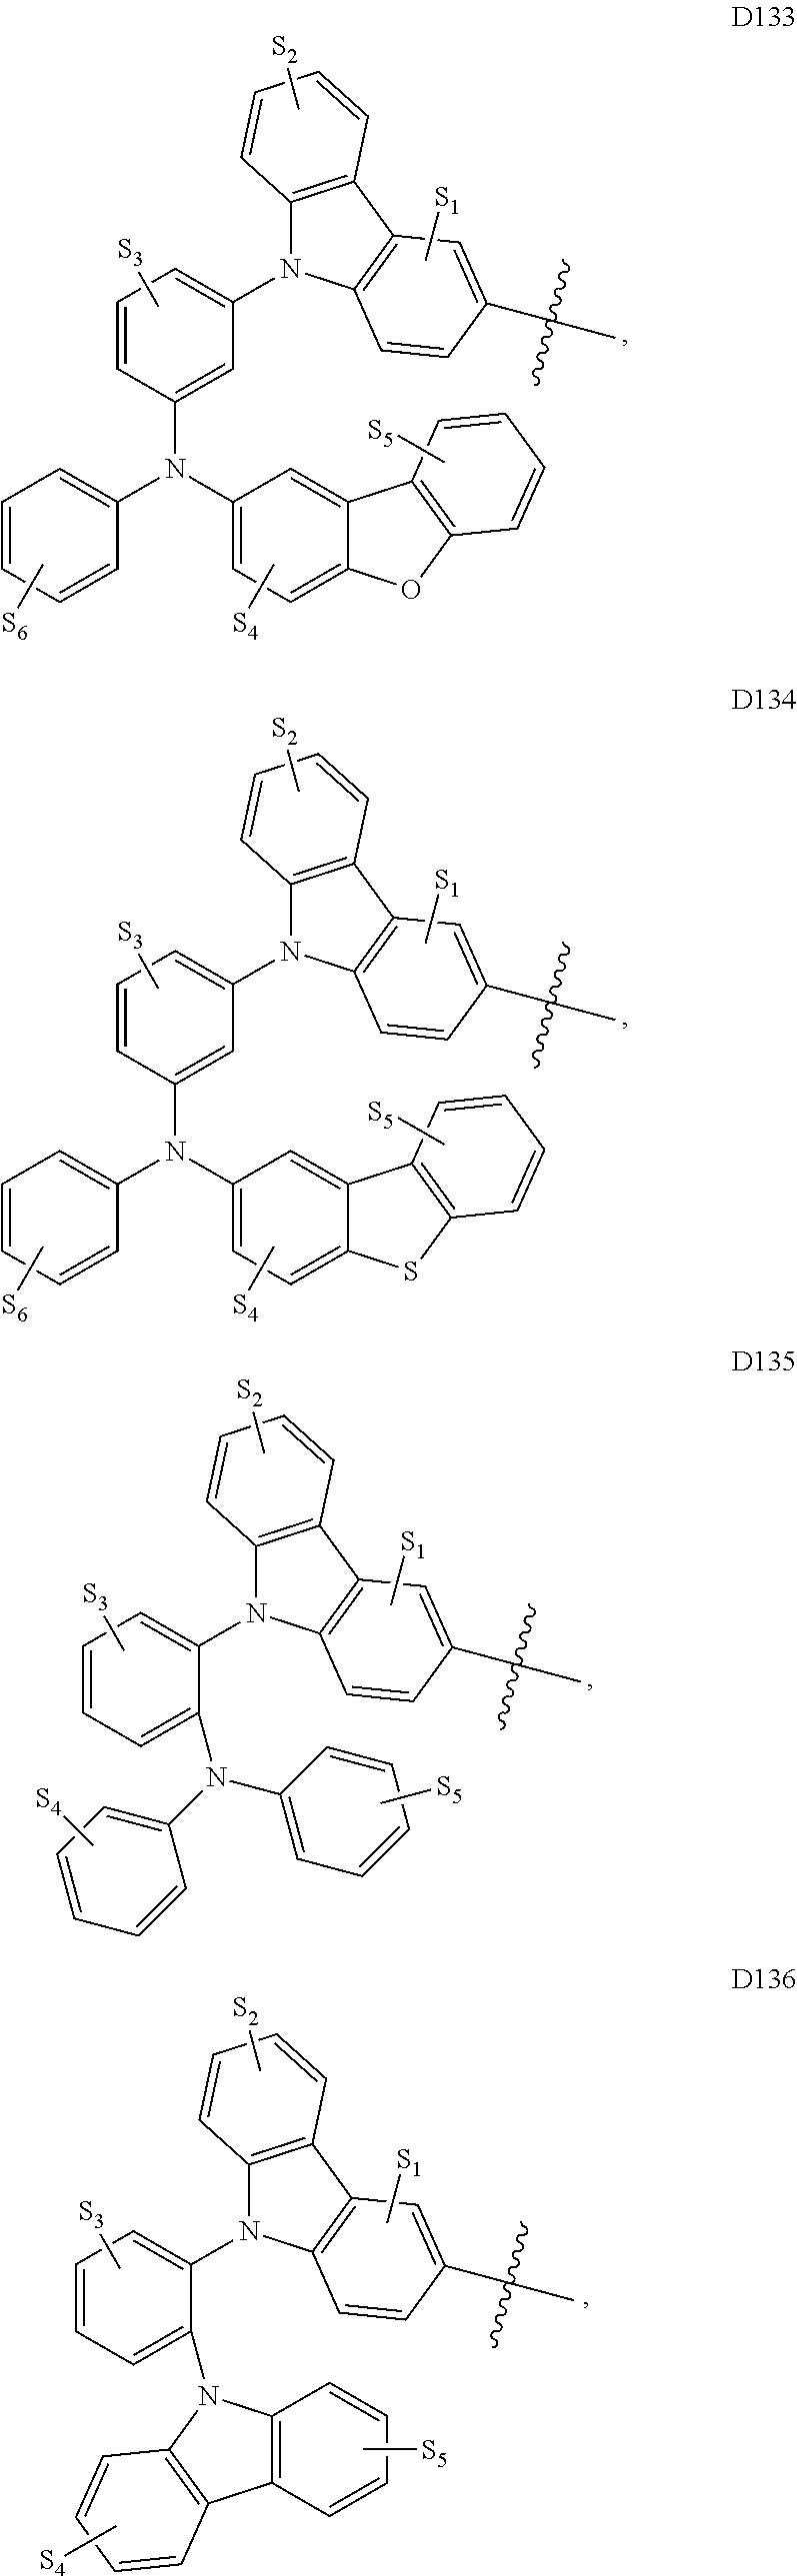 Figure US09324949-20160426-C00419